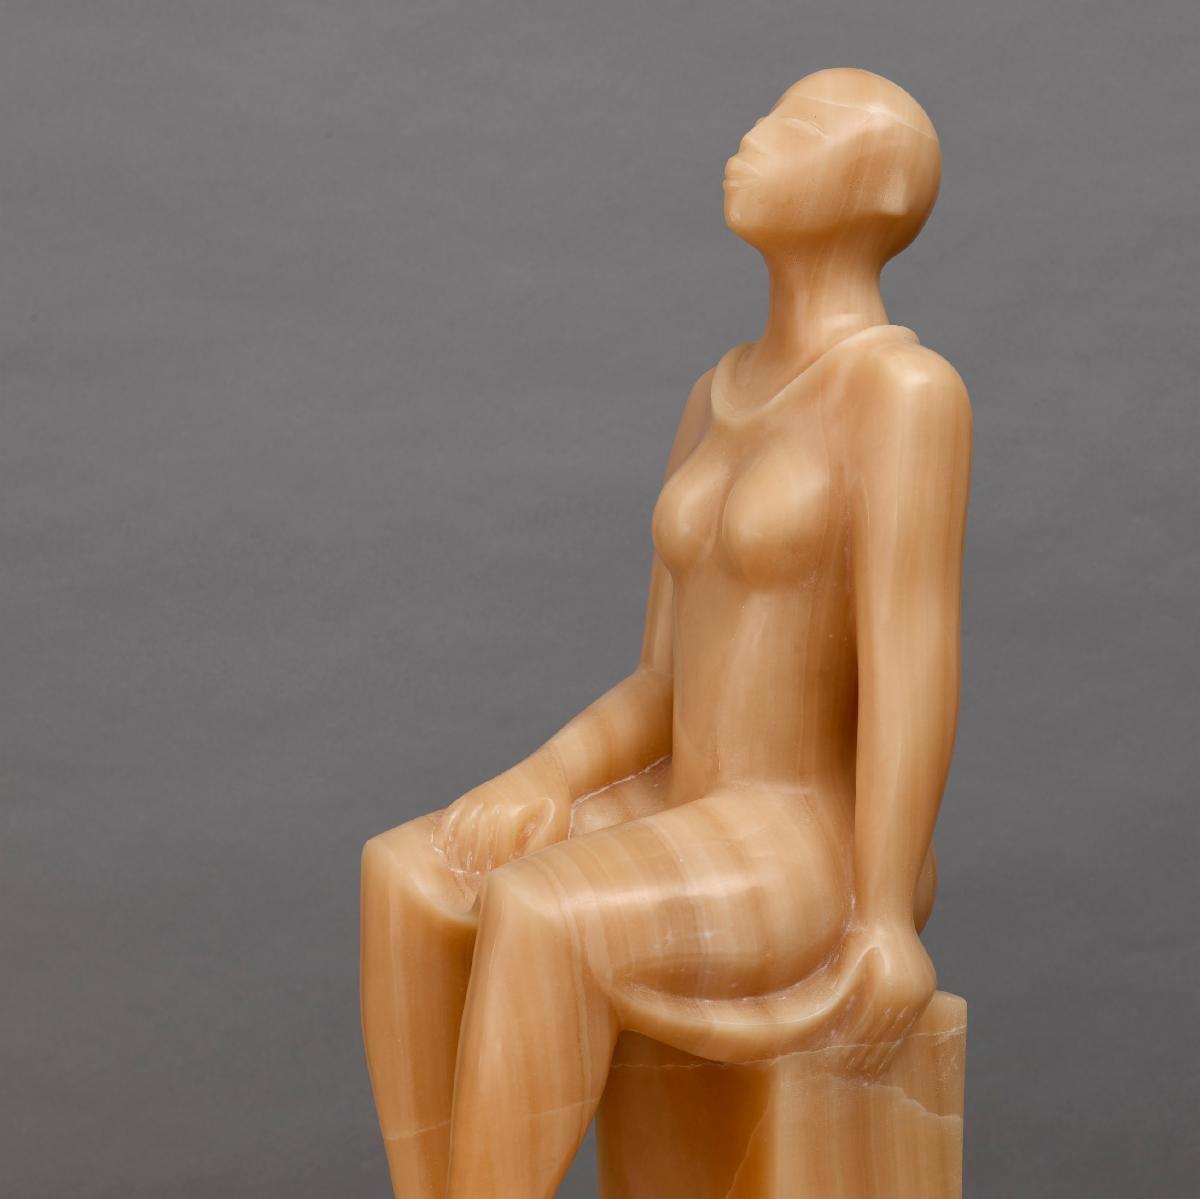 Elizabeth Catlett, Seated Woman